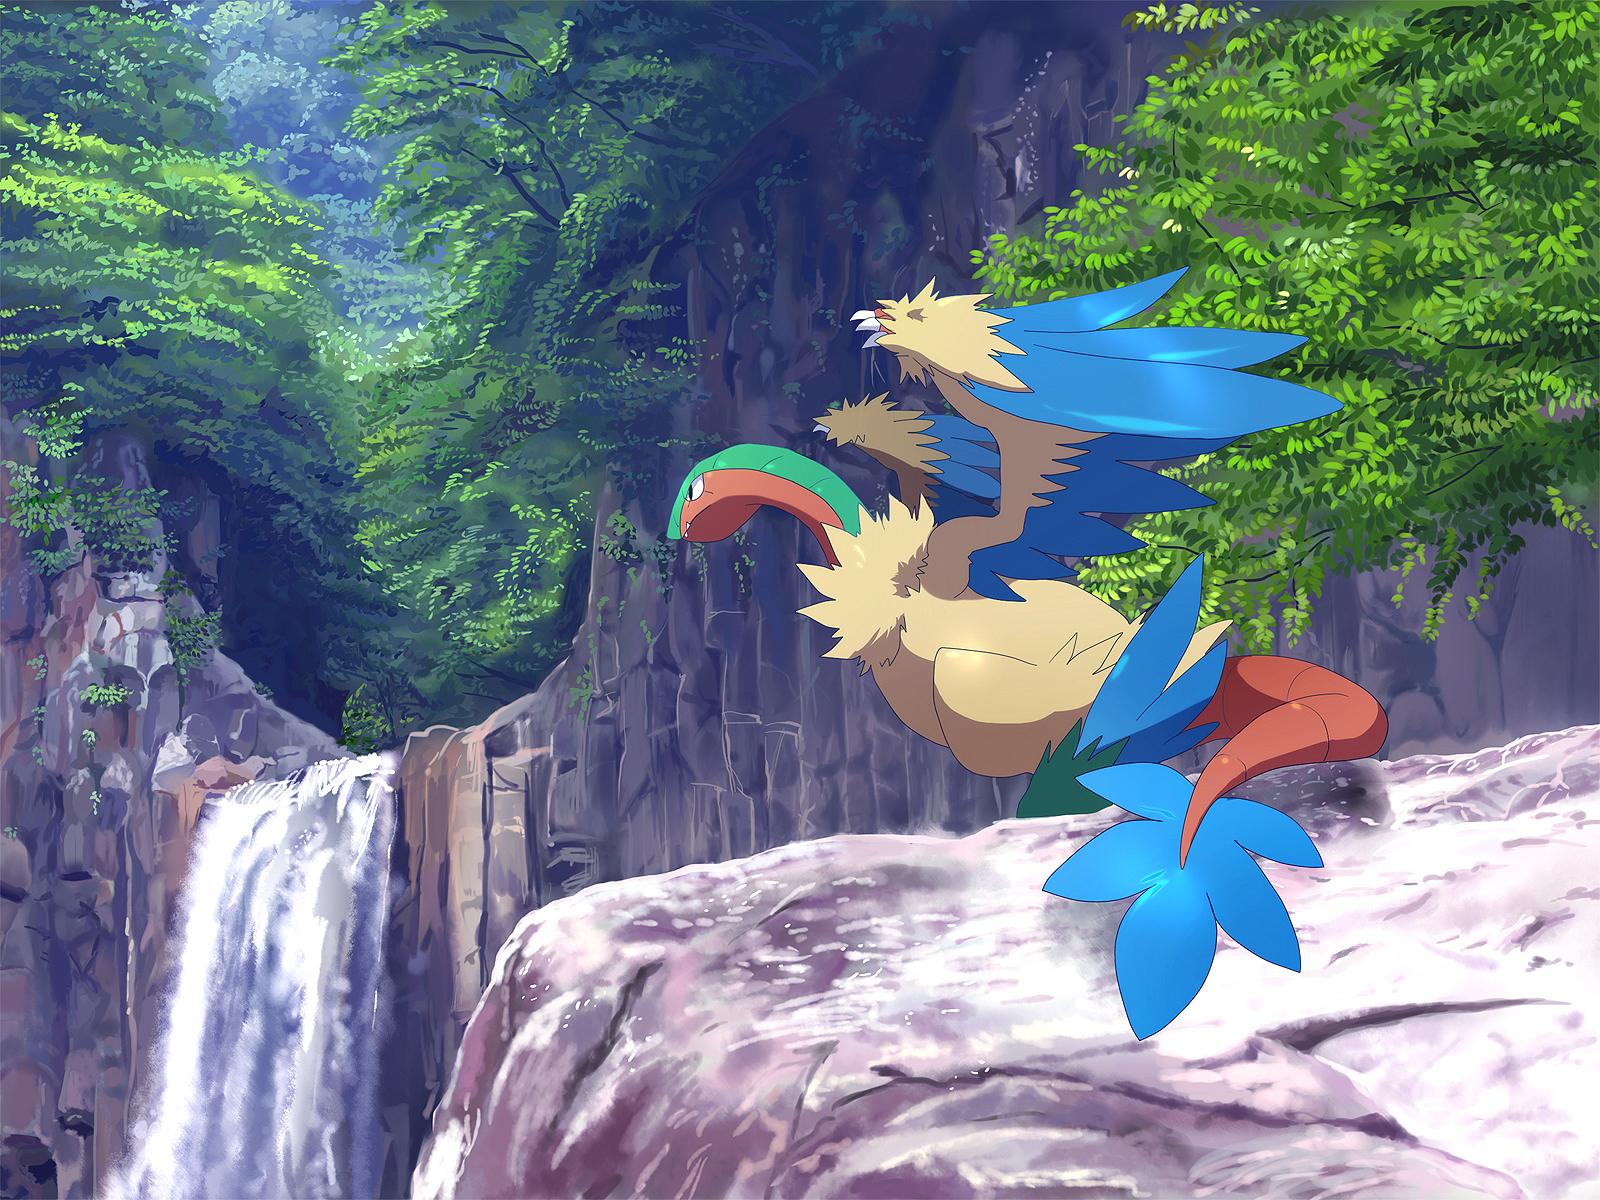 Archeops Pok 233 Mon Zerochan Anime Image Board